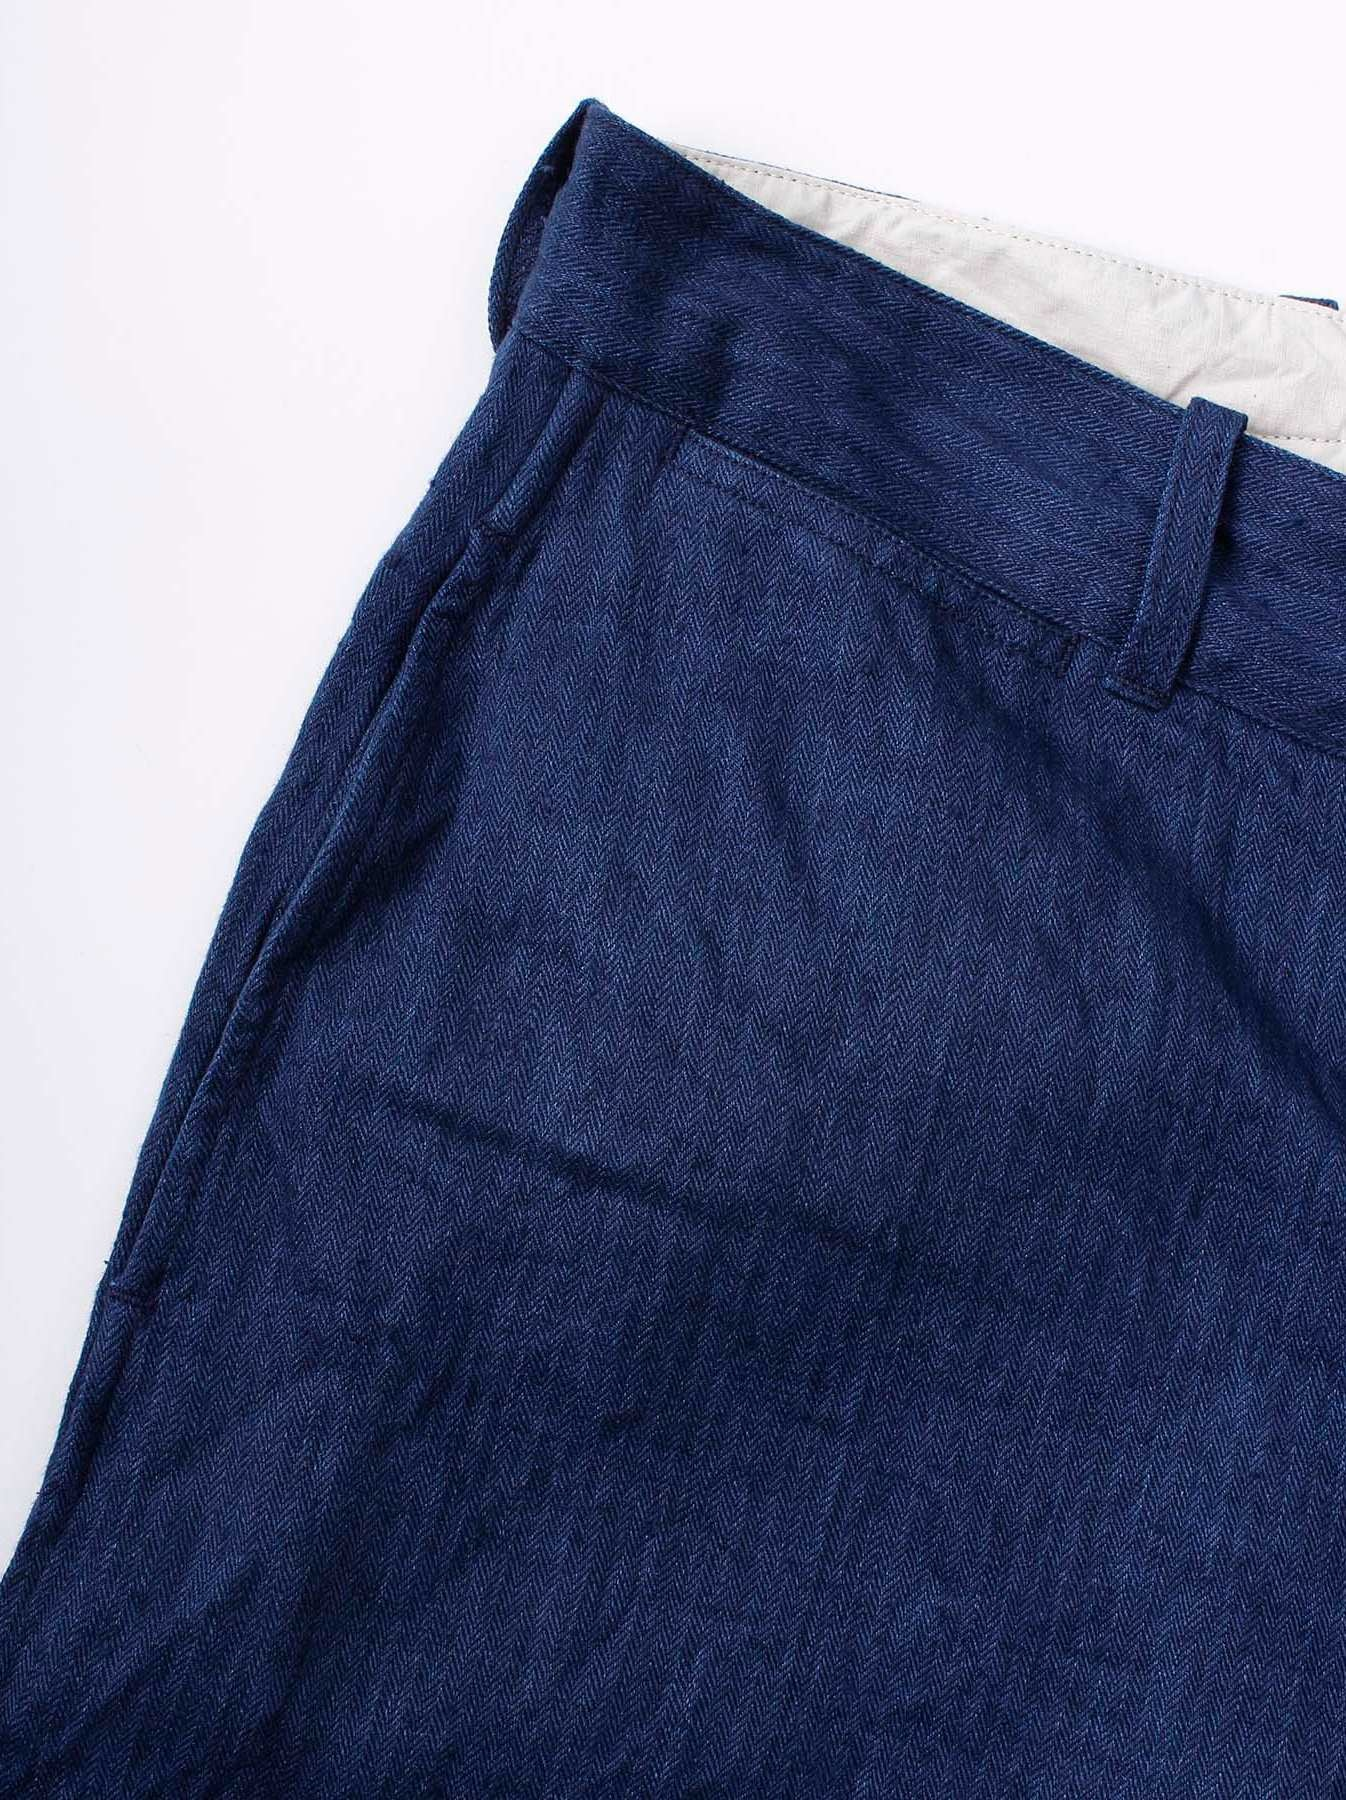 WH Indigo Linen Work3-3